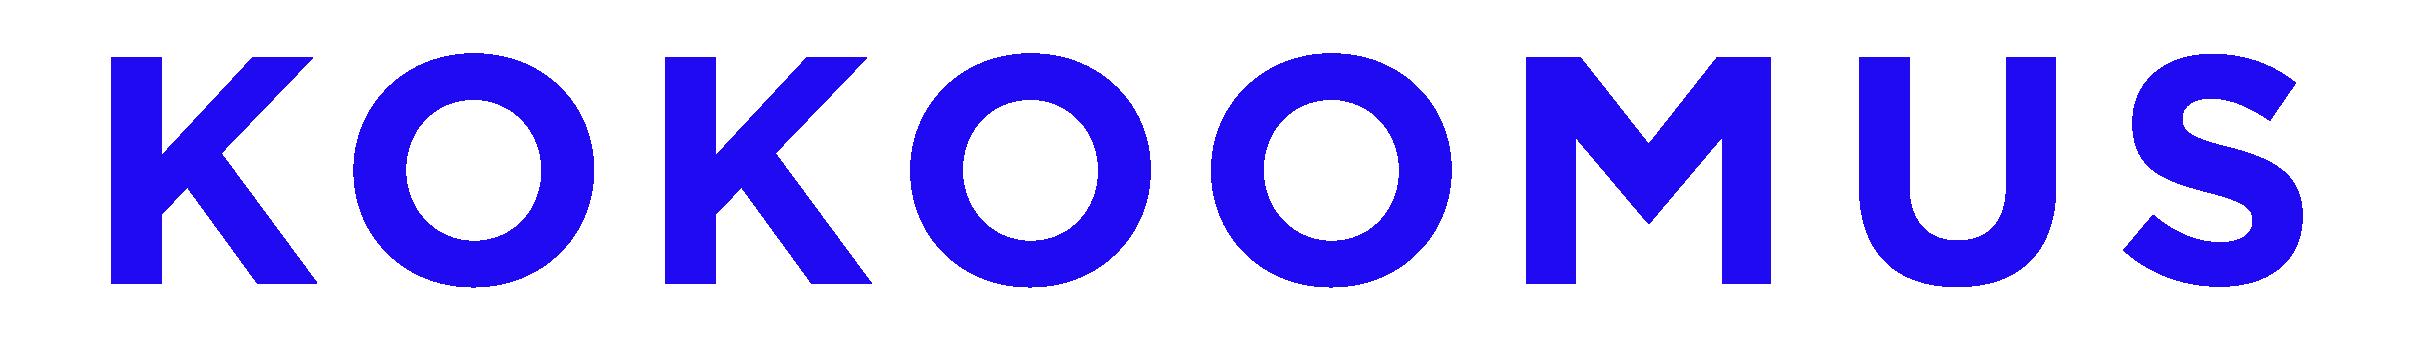 Kokoomus